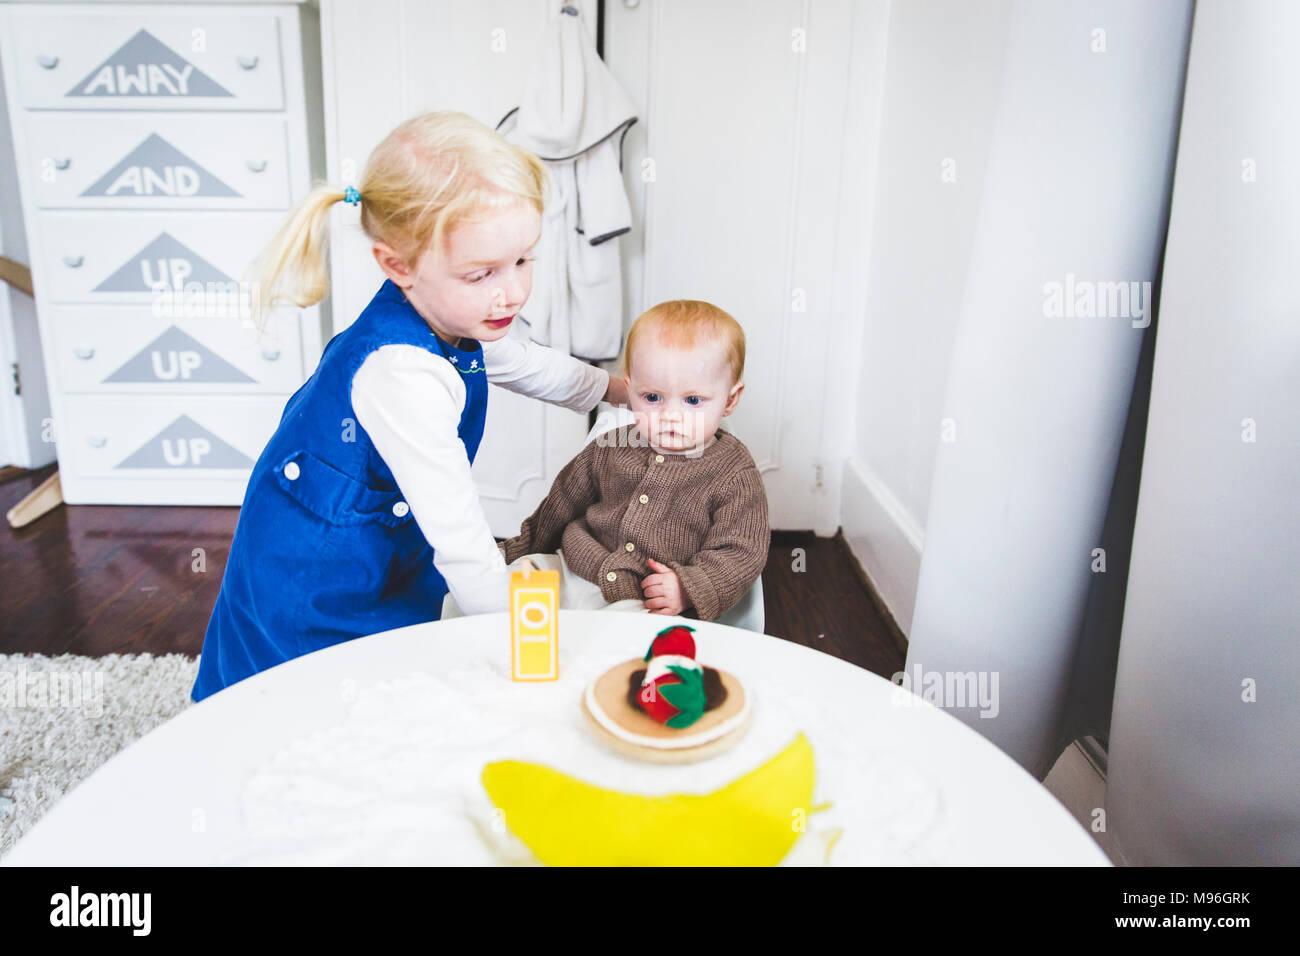 Mädchen baby helfen bei Tisch Stockbild